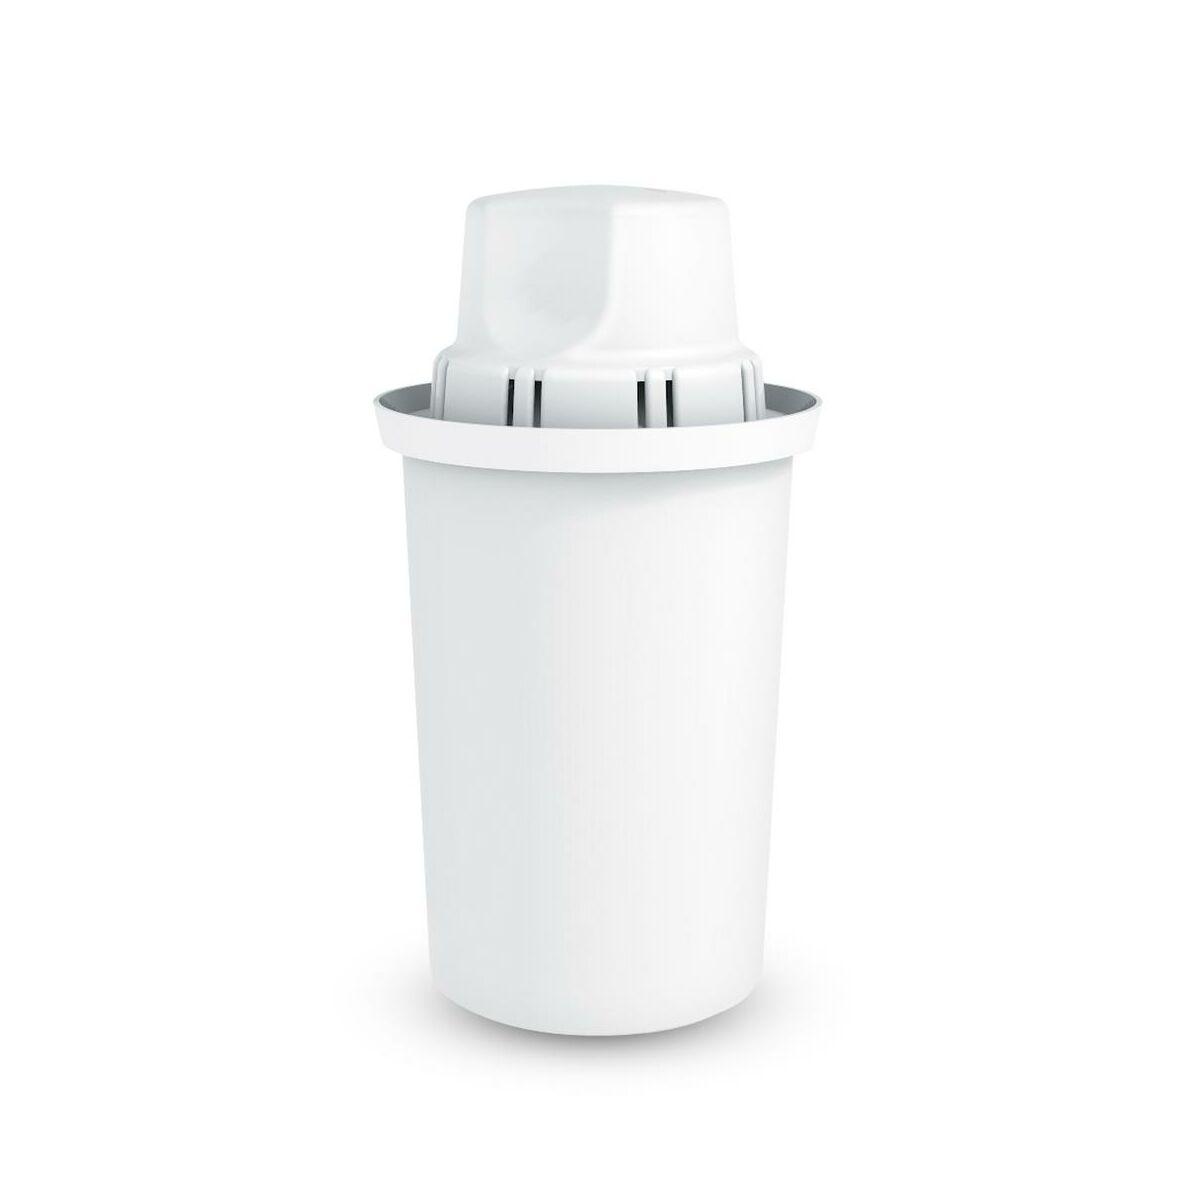 Wklad Filtrujacy Classic System Dafi Dzbanki Filtrujace Do Wody Pitnej W Atrakcyjnej Cenie W Sklepach Leroy Merlin